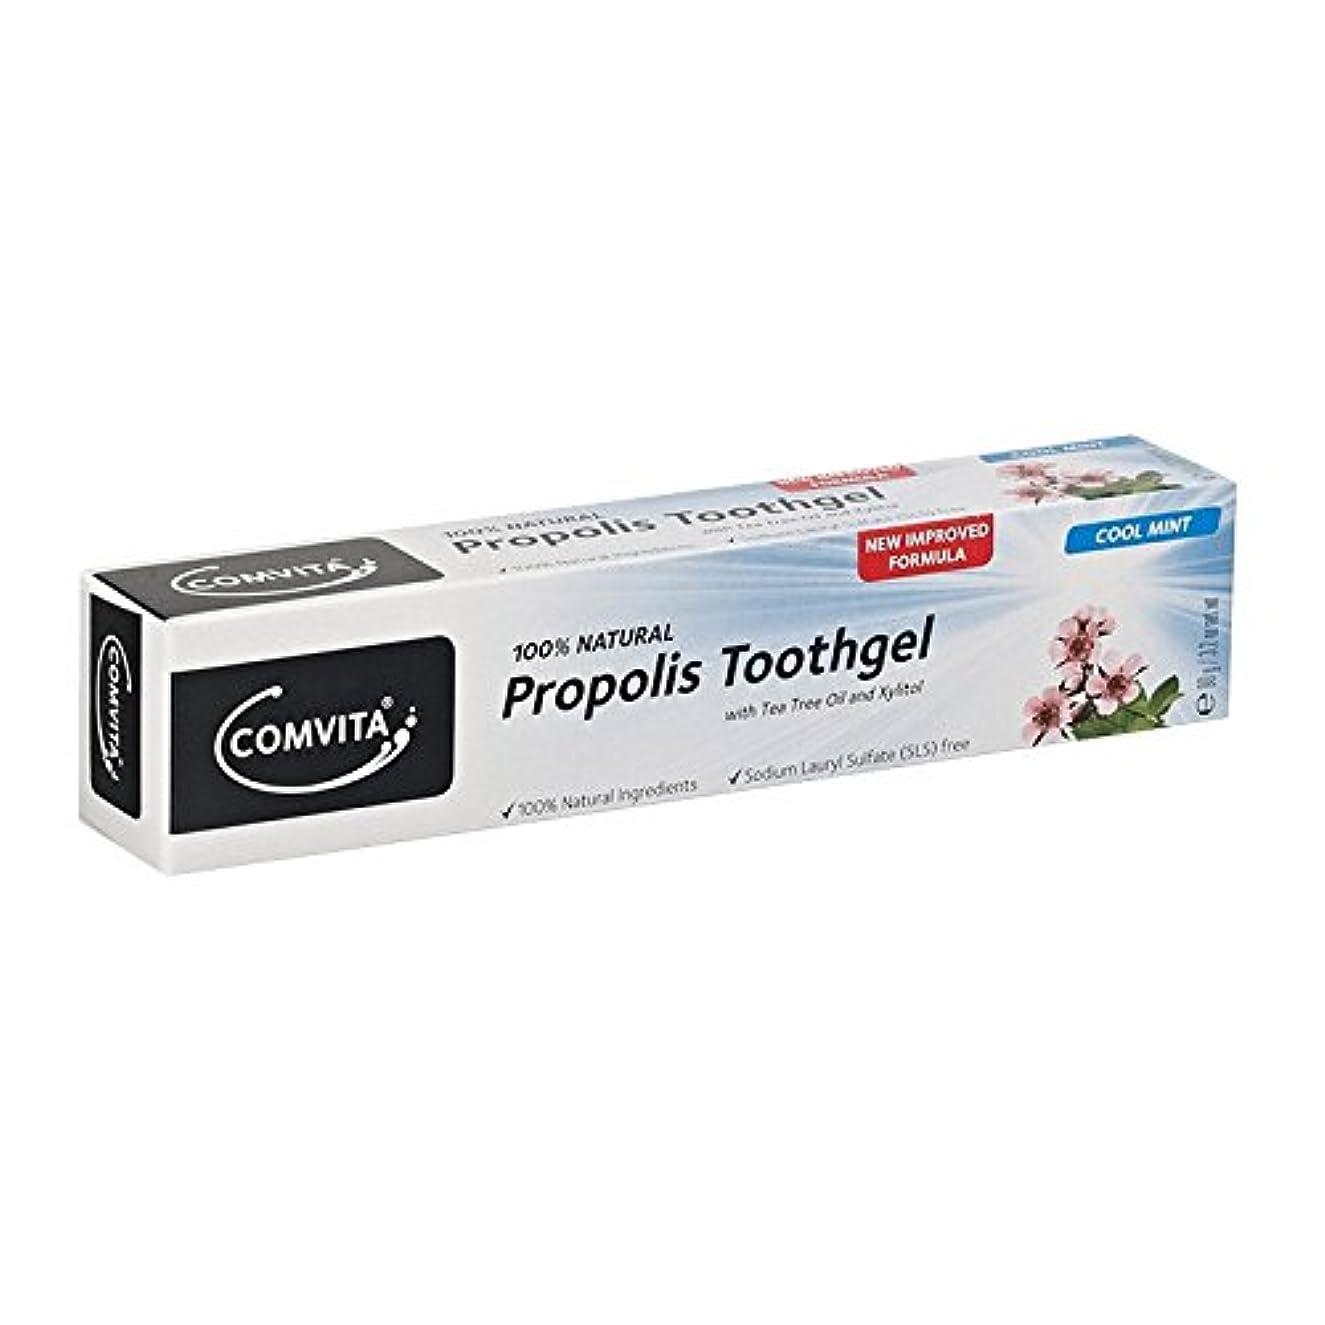 コンビタ100天然プロポリスToothgel - Comvita 100 Natural Propolis Toothgel (Comvita) [並行輸入品]